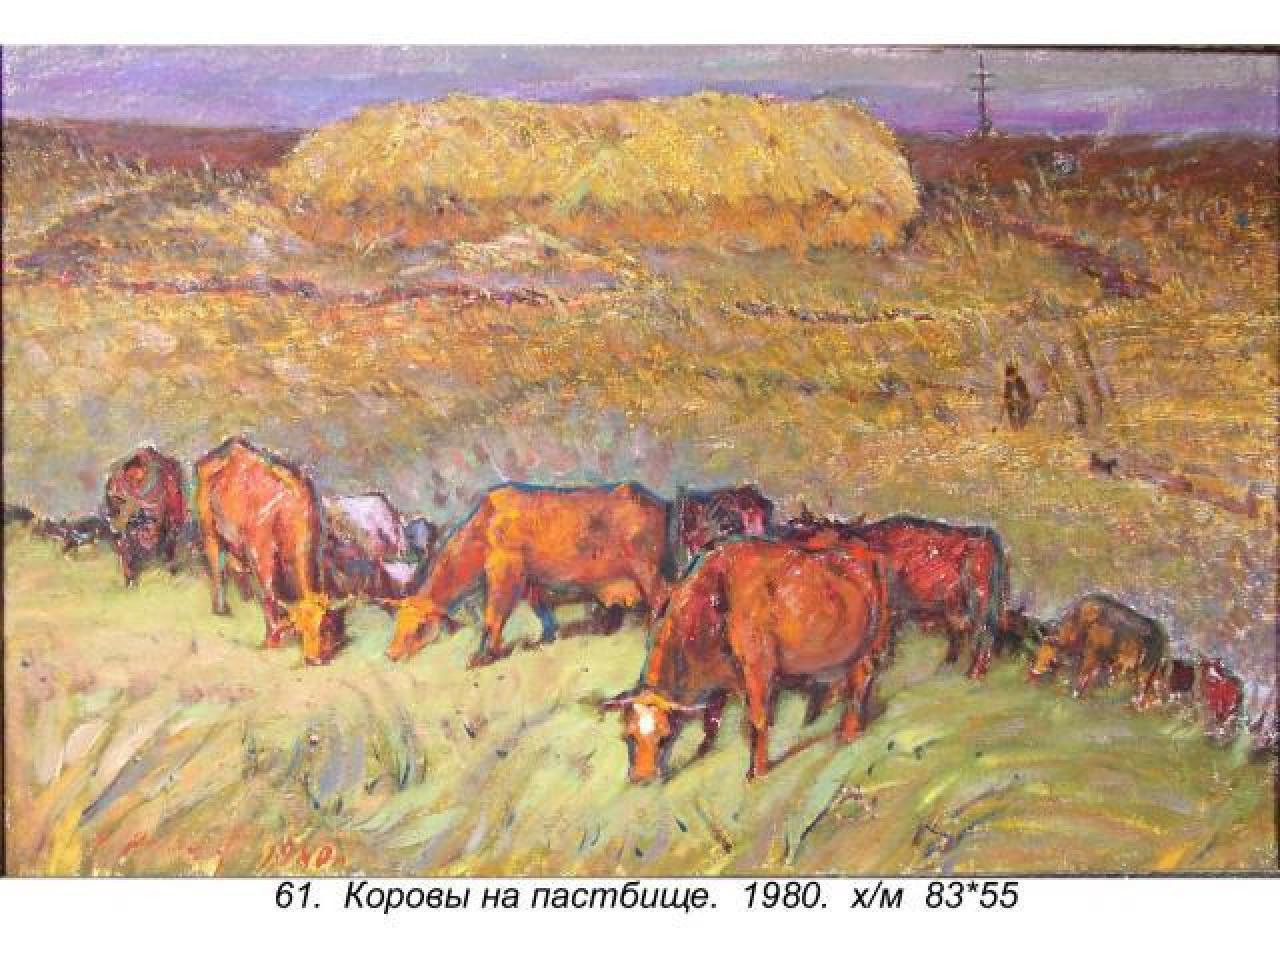 продам живописные картины соцреализма (более 500 шт.) Мальцева П,Н, - 5